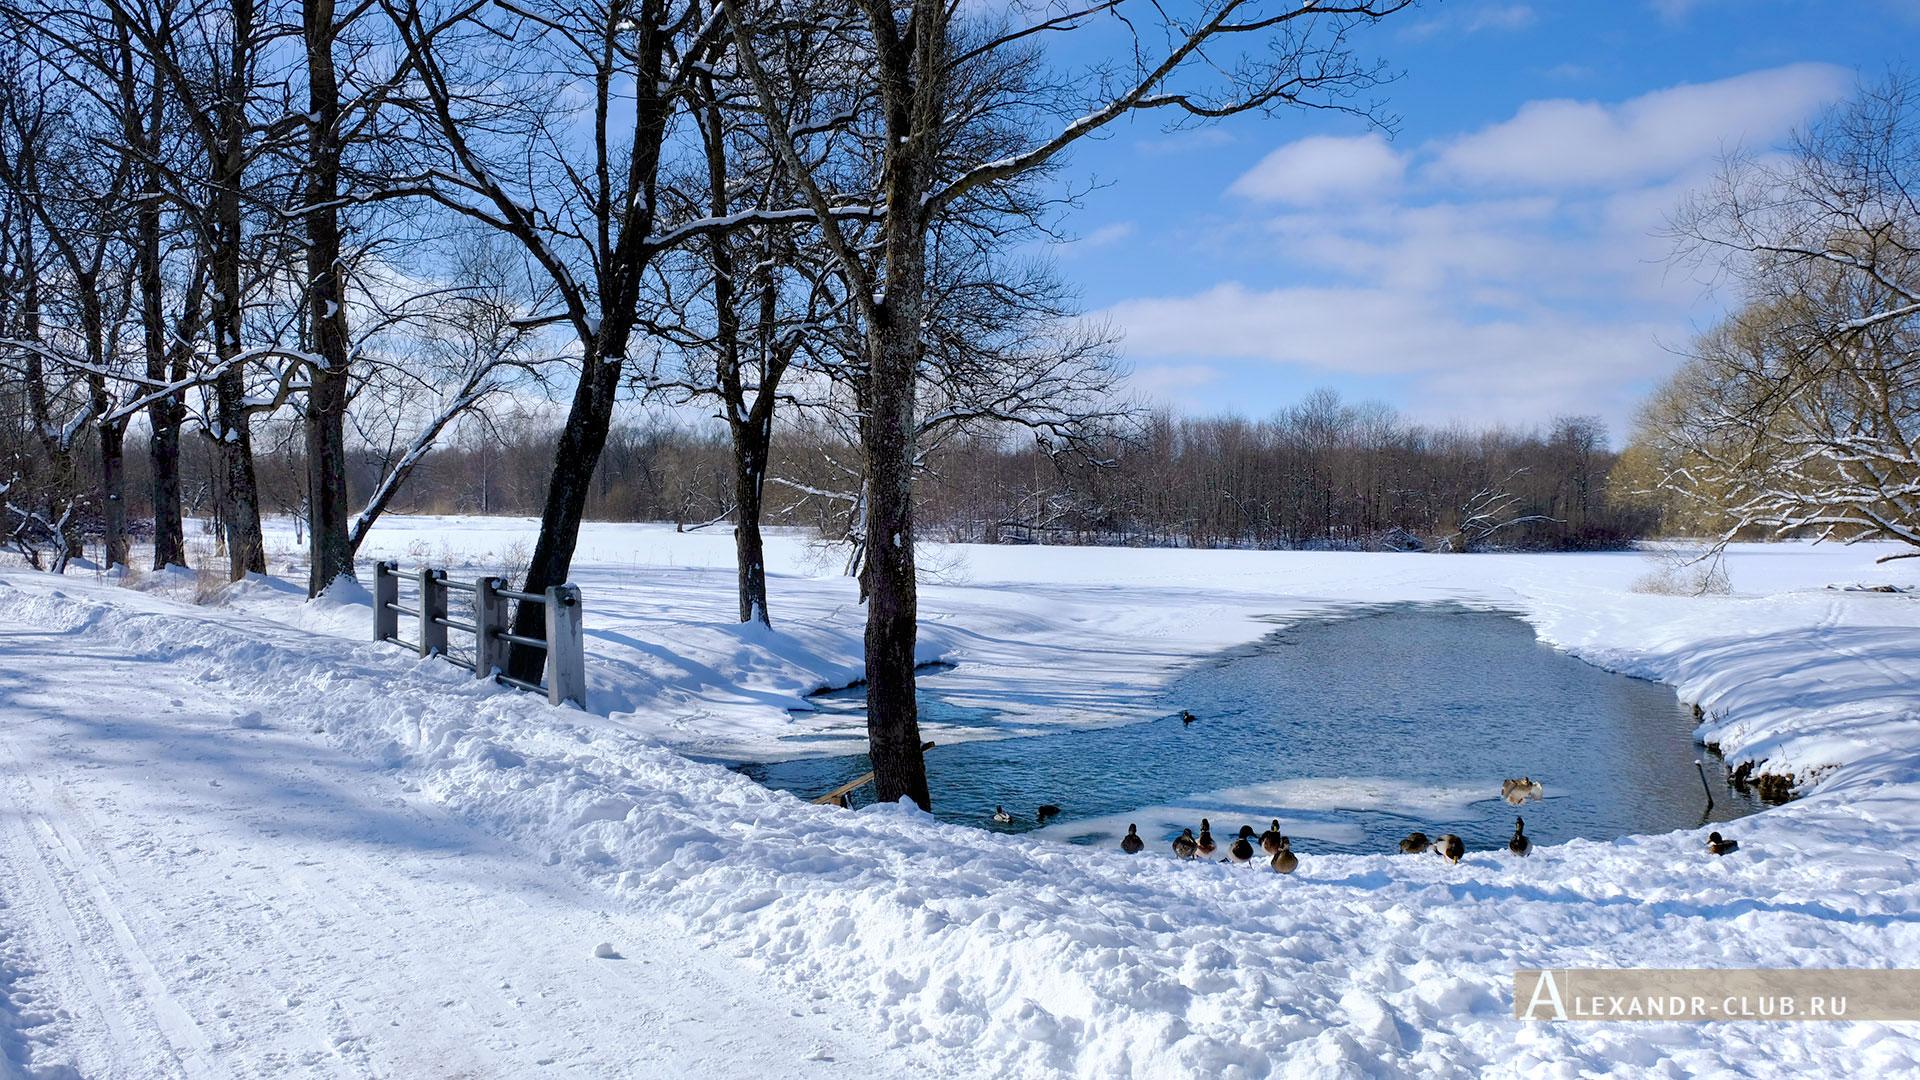 Петергоф, Луговой парк, зима, Орлинский пруд – 3